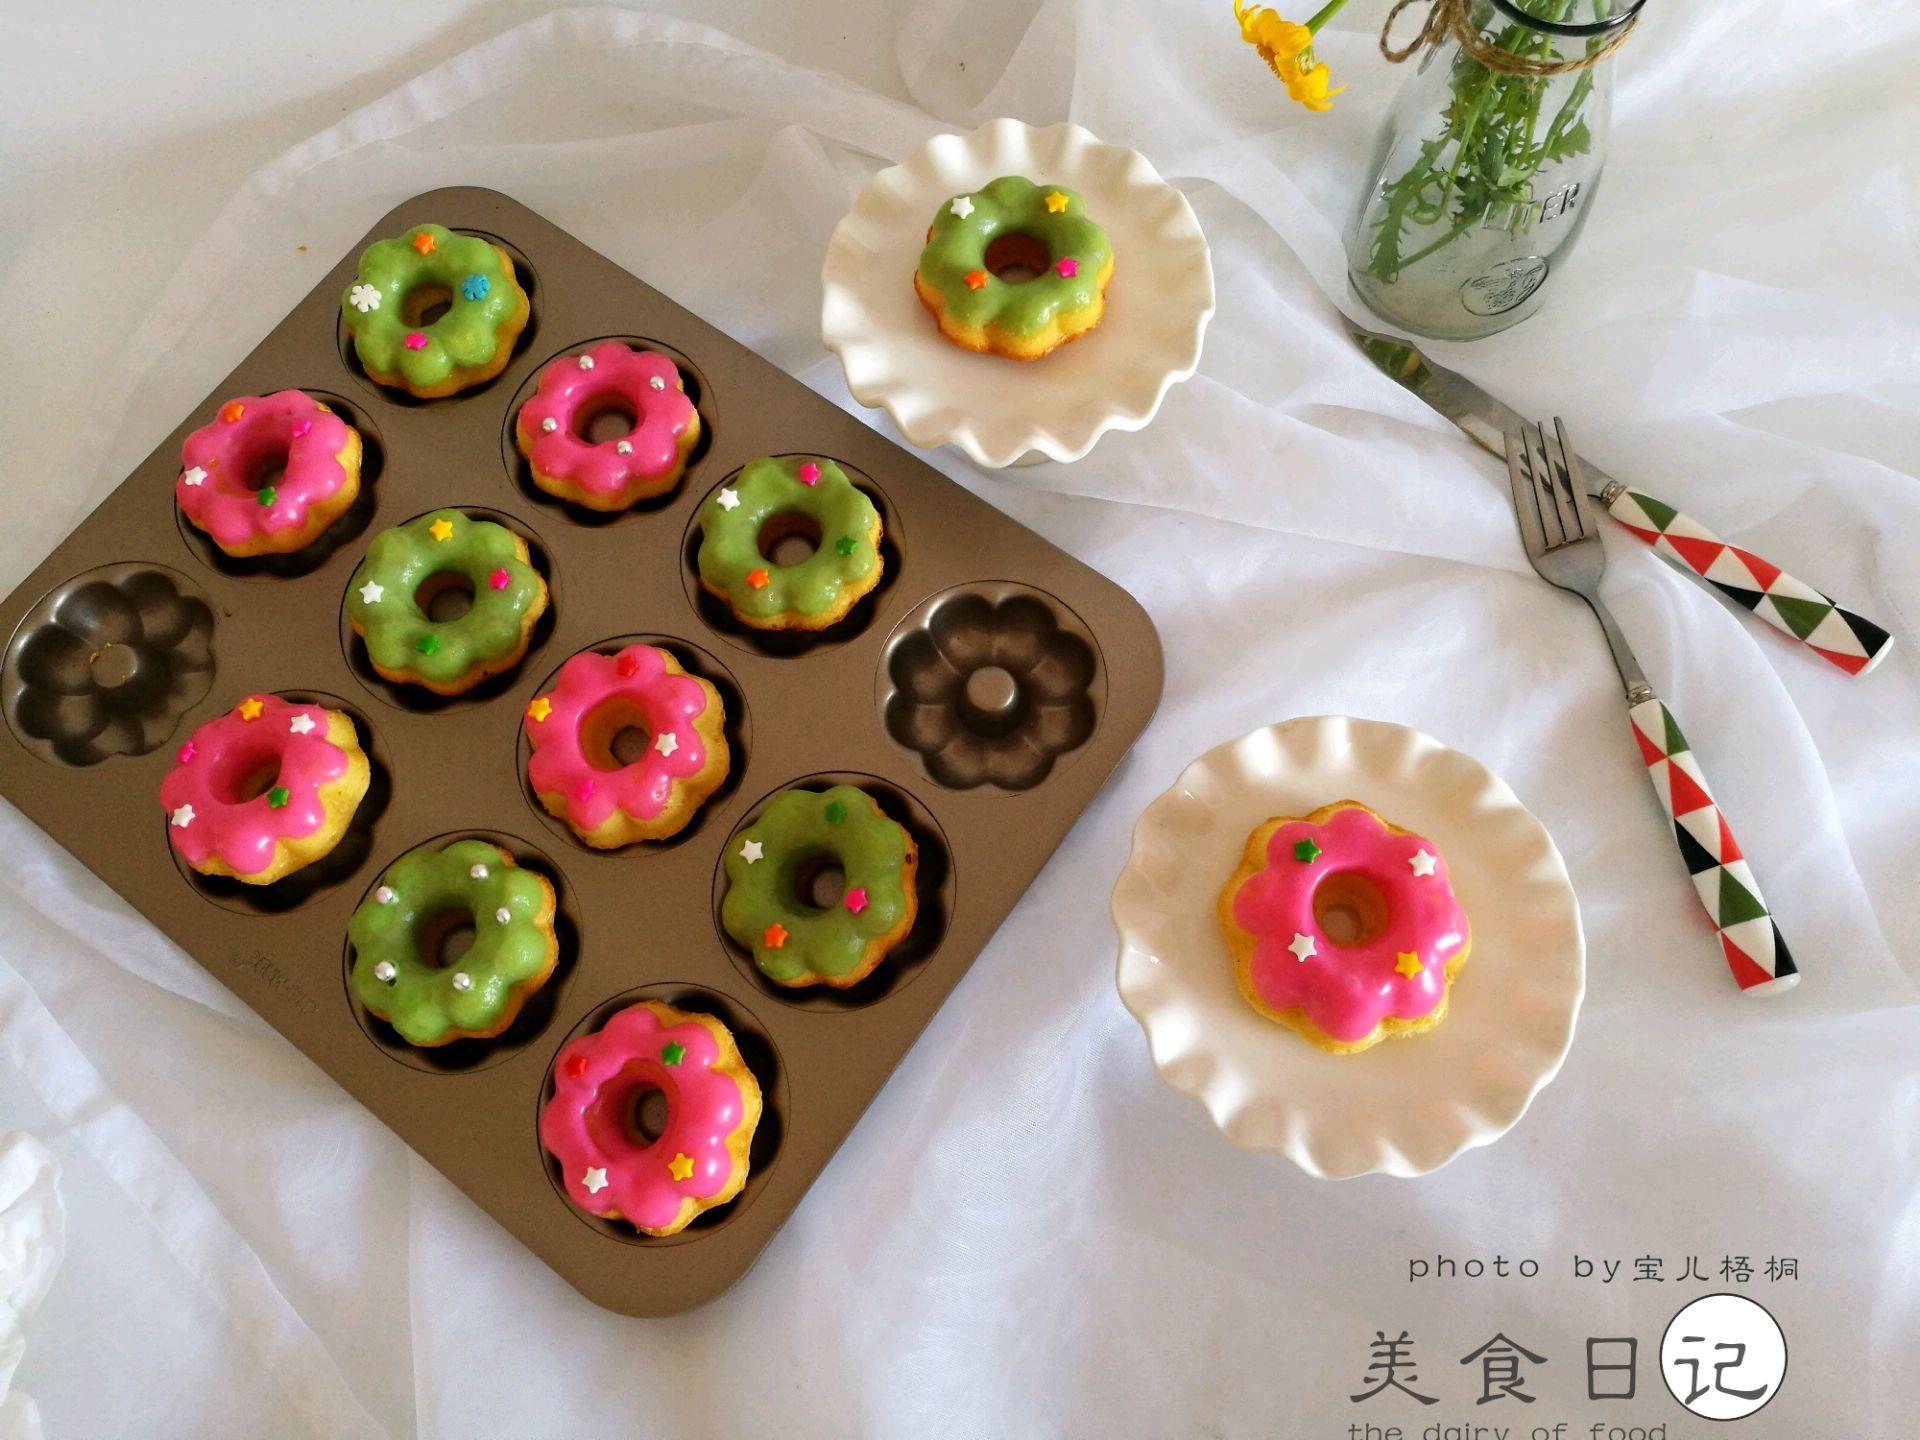 2017-05-08        喜欢彩色,喜欢在午后给自己做一道可口的甜点,今天